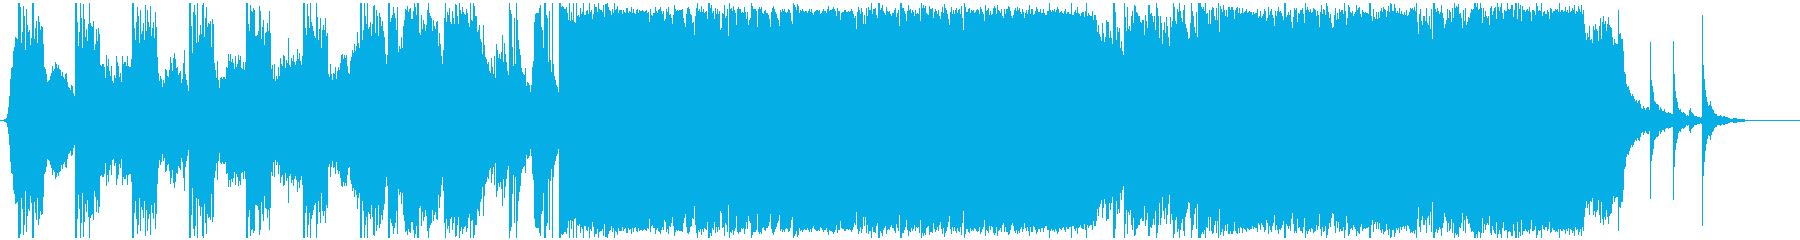 ハイブリッドなパイレーツトレーラーBGMの再生済みの波形